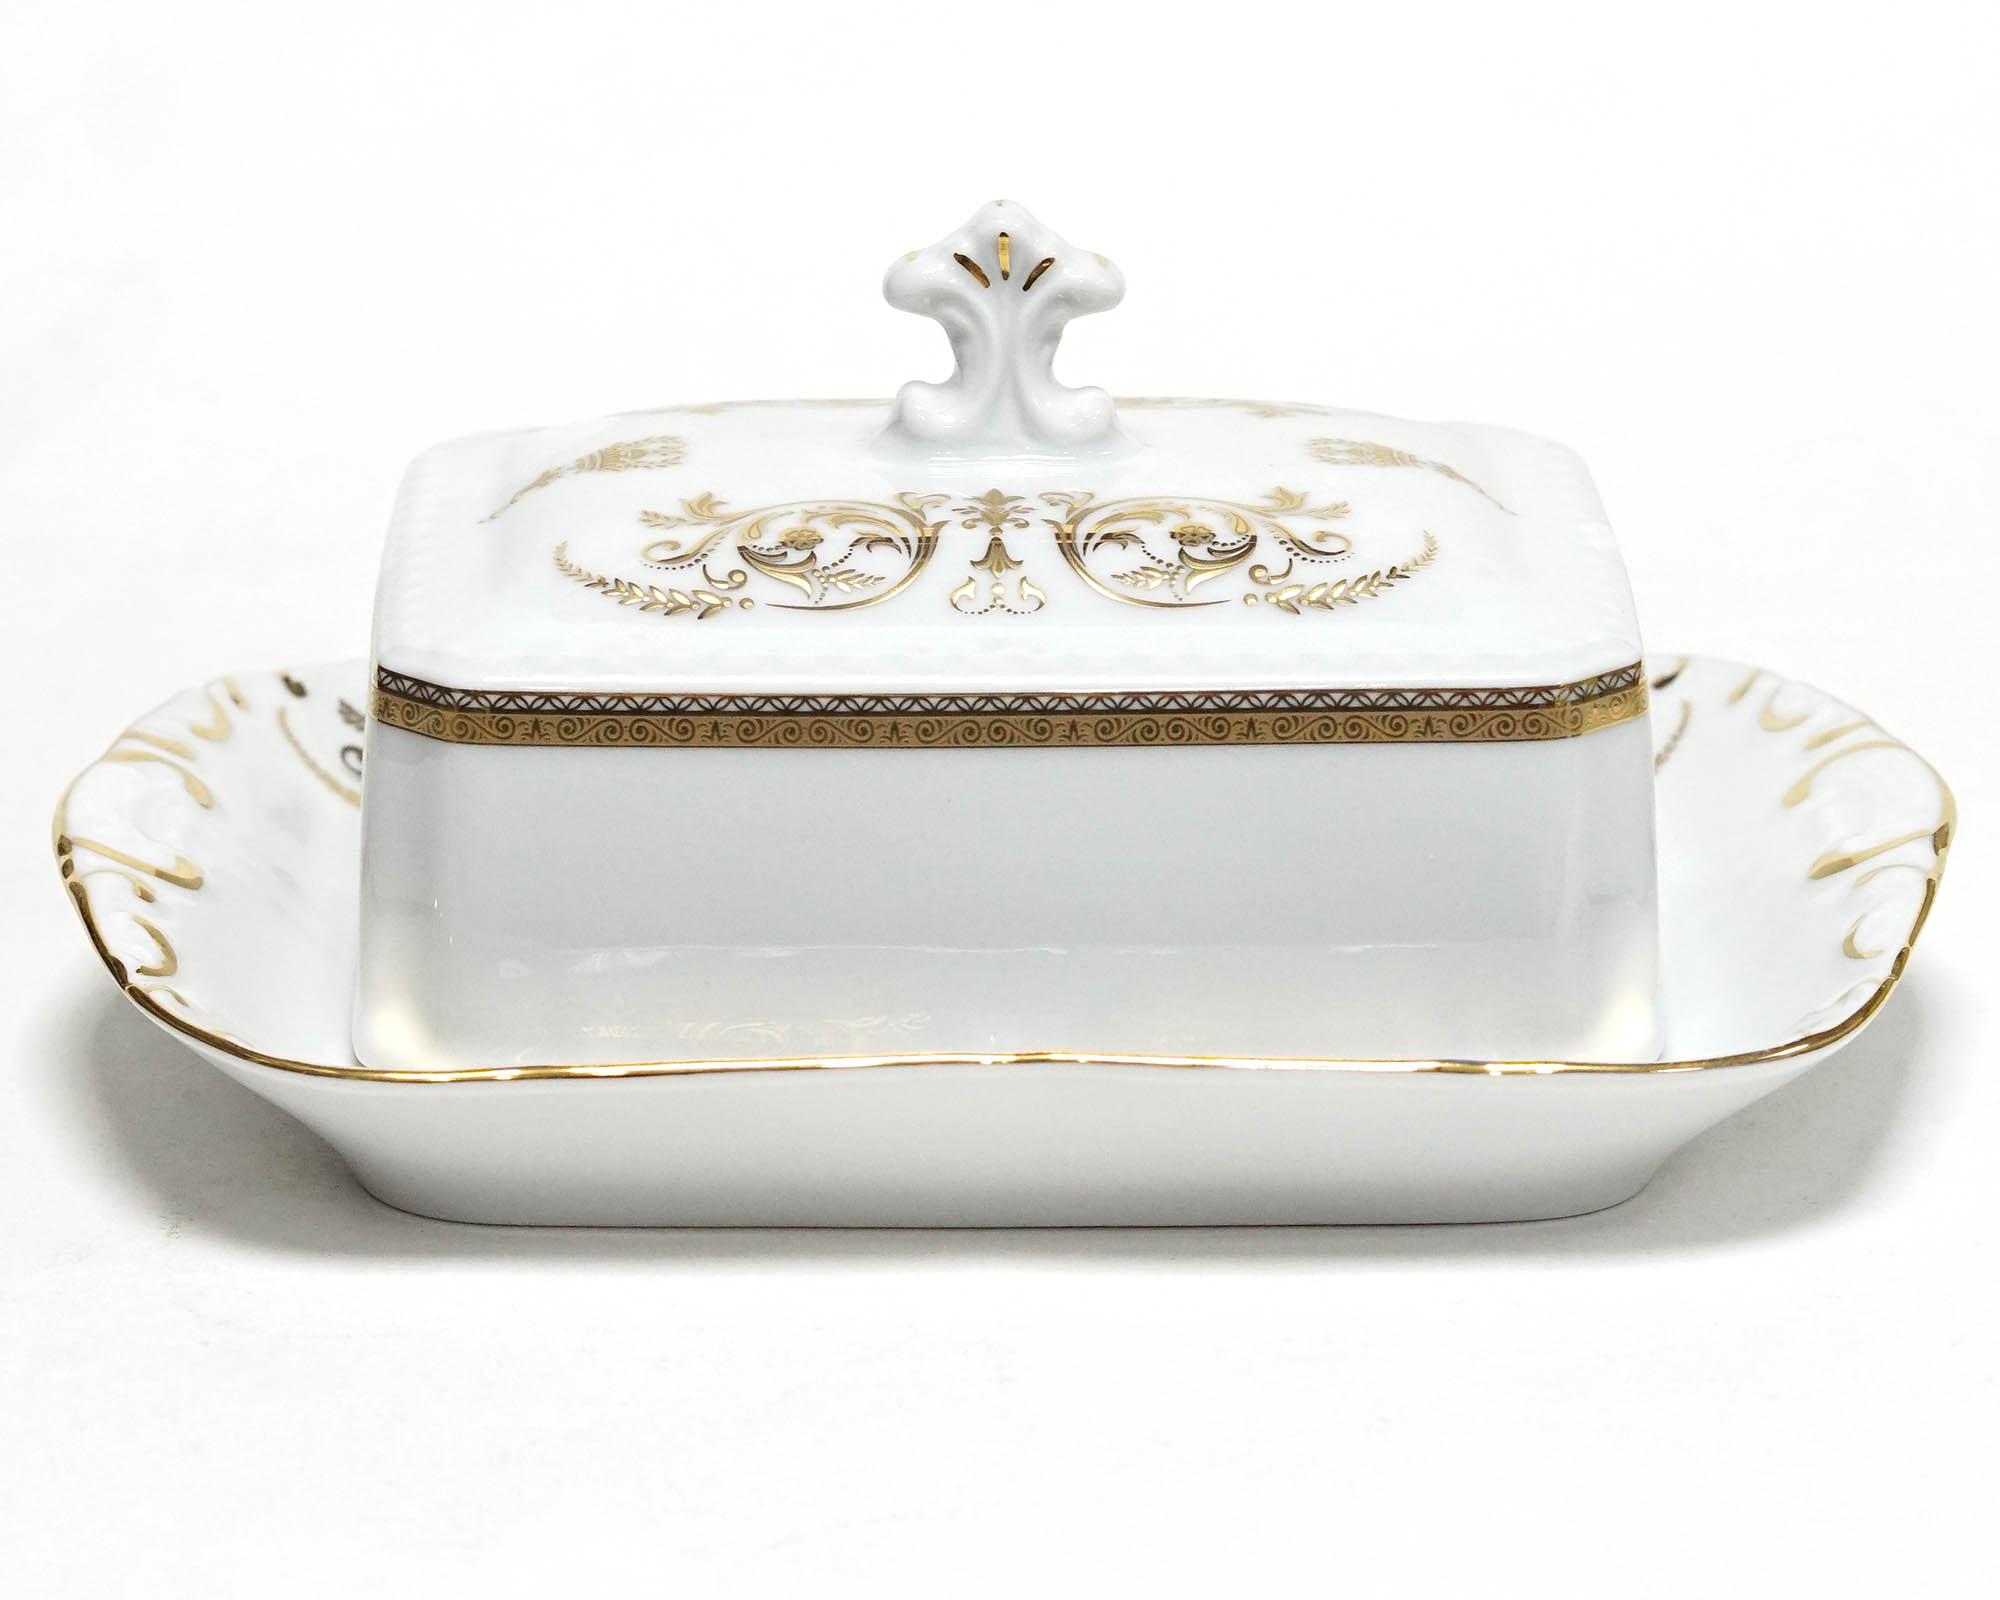 Фото Масленка граненая Леандер 250 мл, Форма Соната Королевский золотой